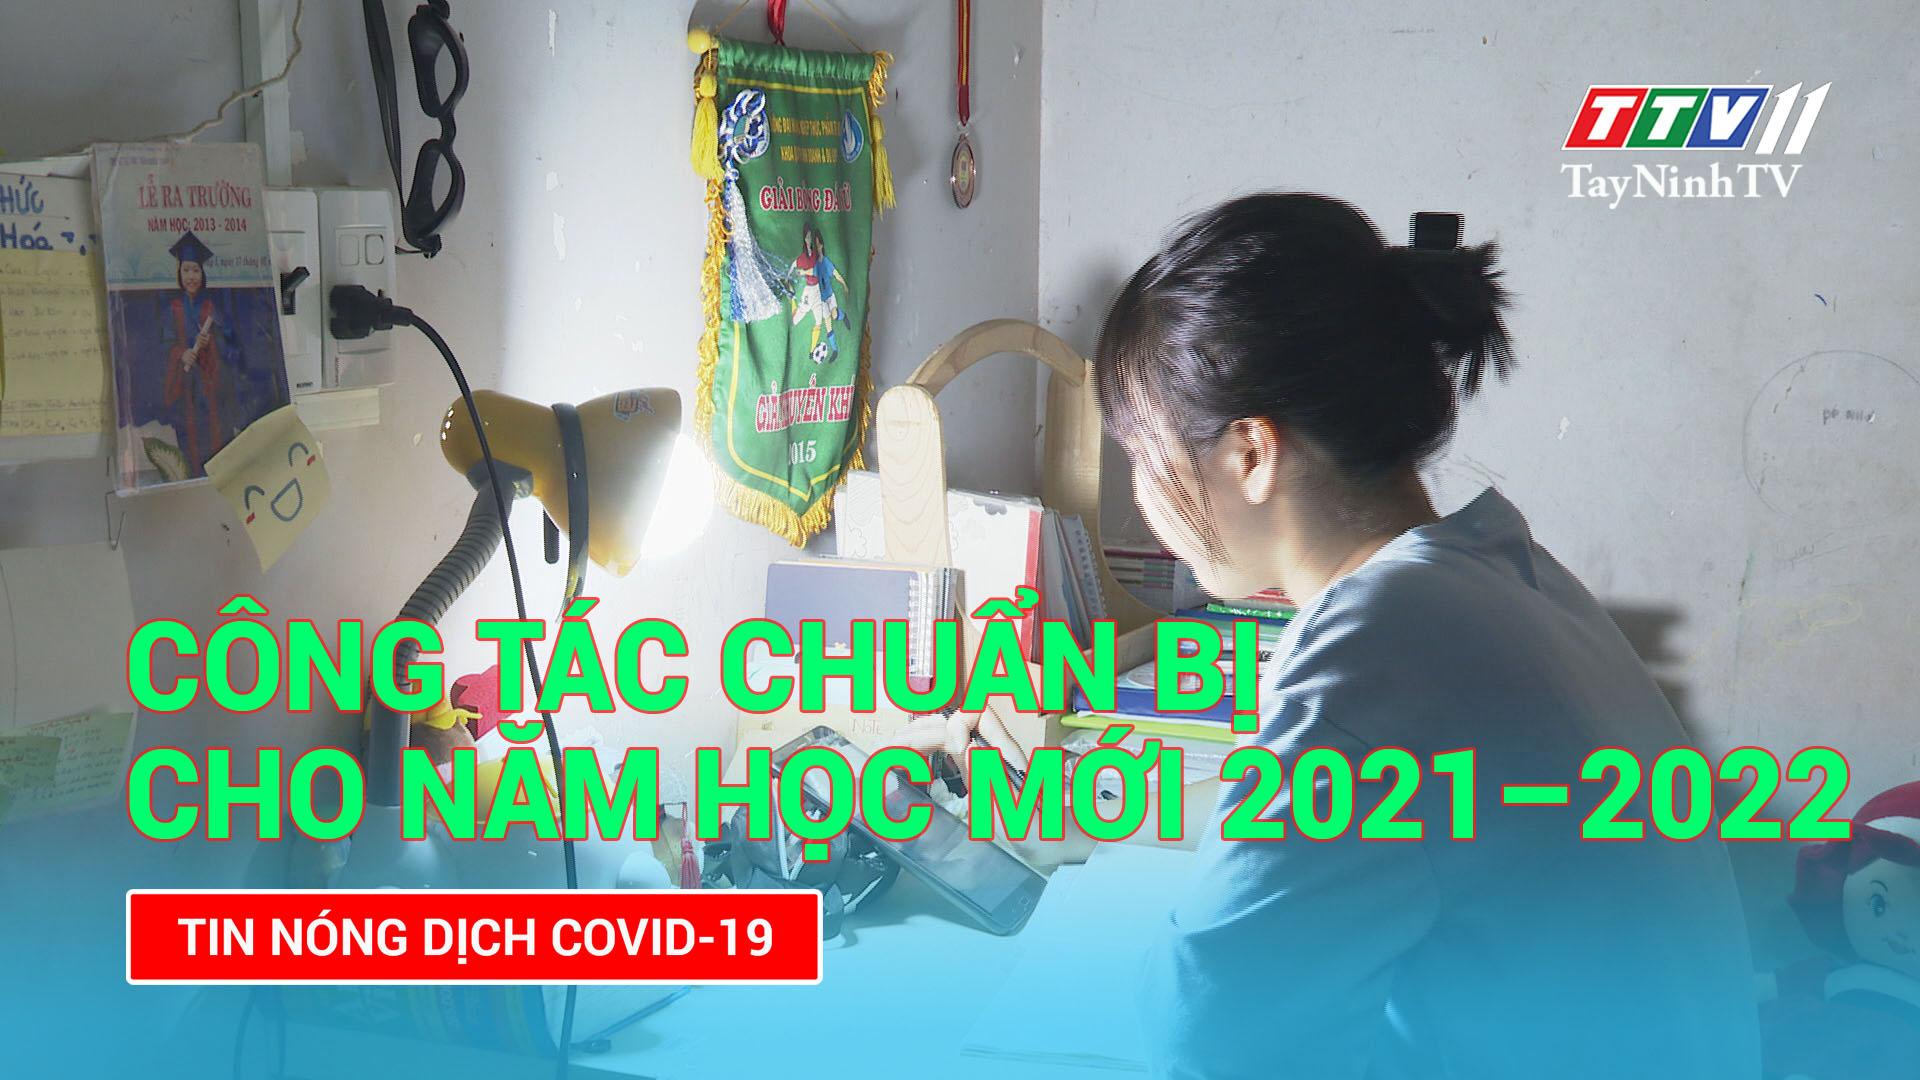 Công tác chuẩn bị cho năm học mới 2021 – 2022 | TayNinhTV